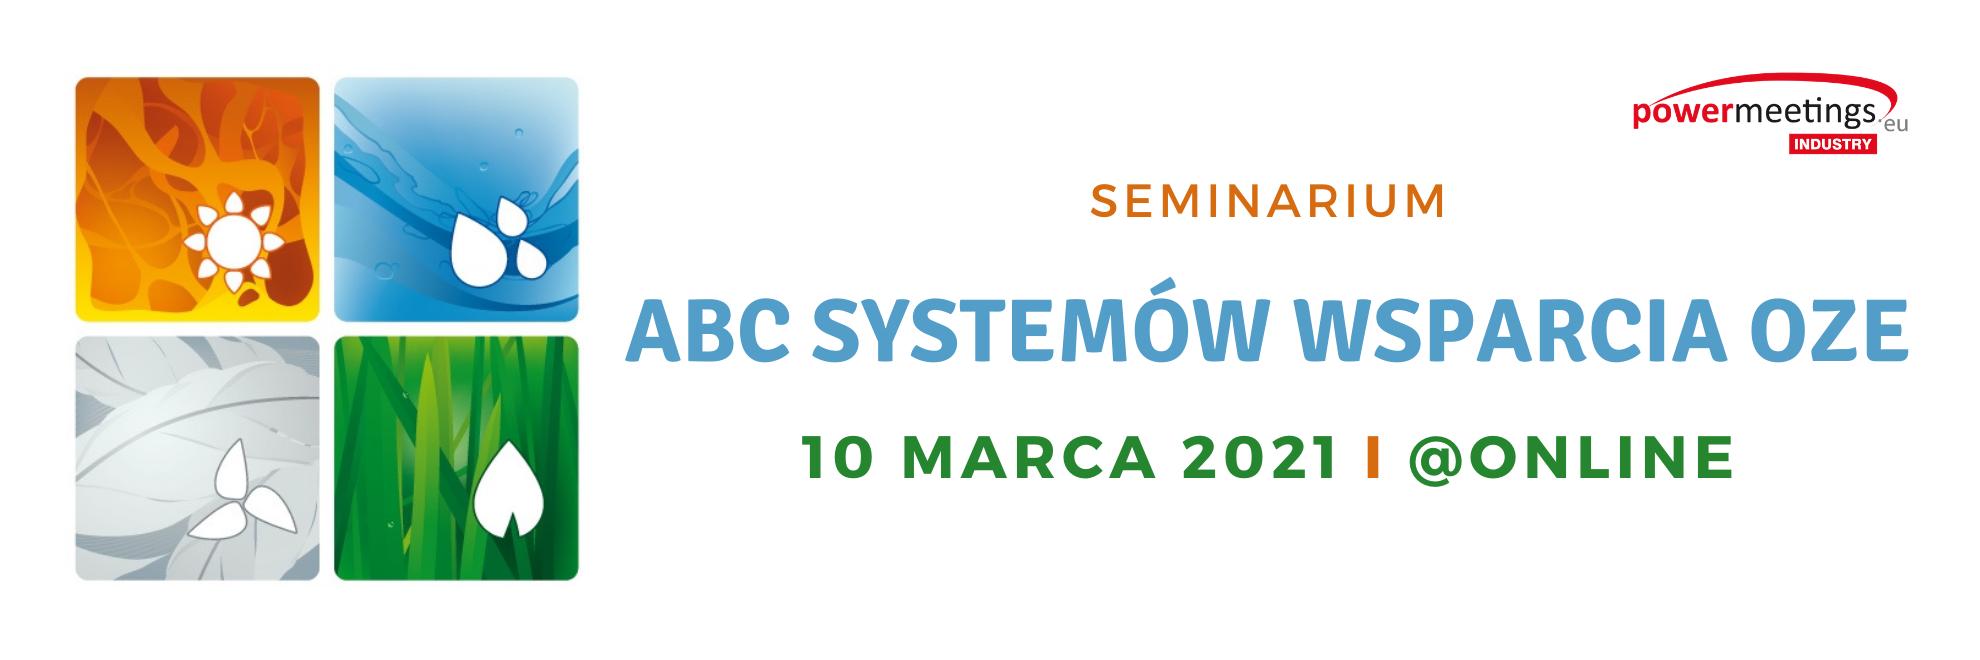 ABC Systemów wsparcia OZE